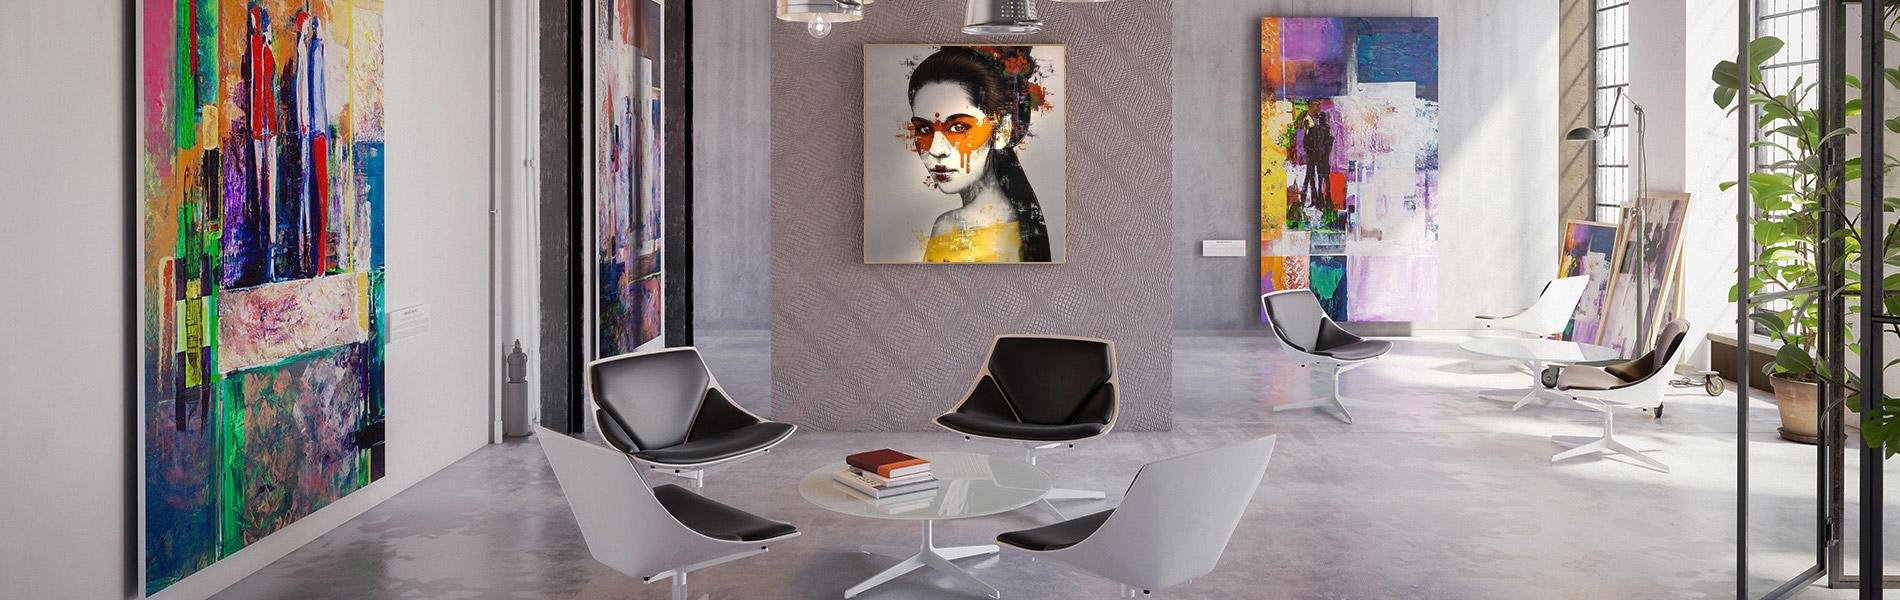 Galerie art contemporain en ligne